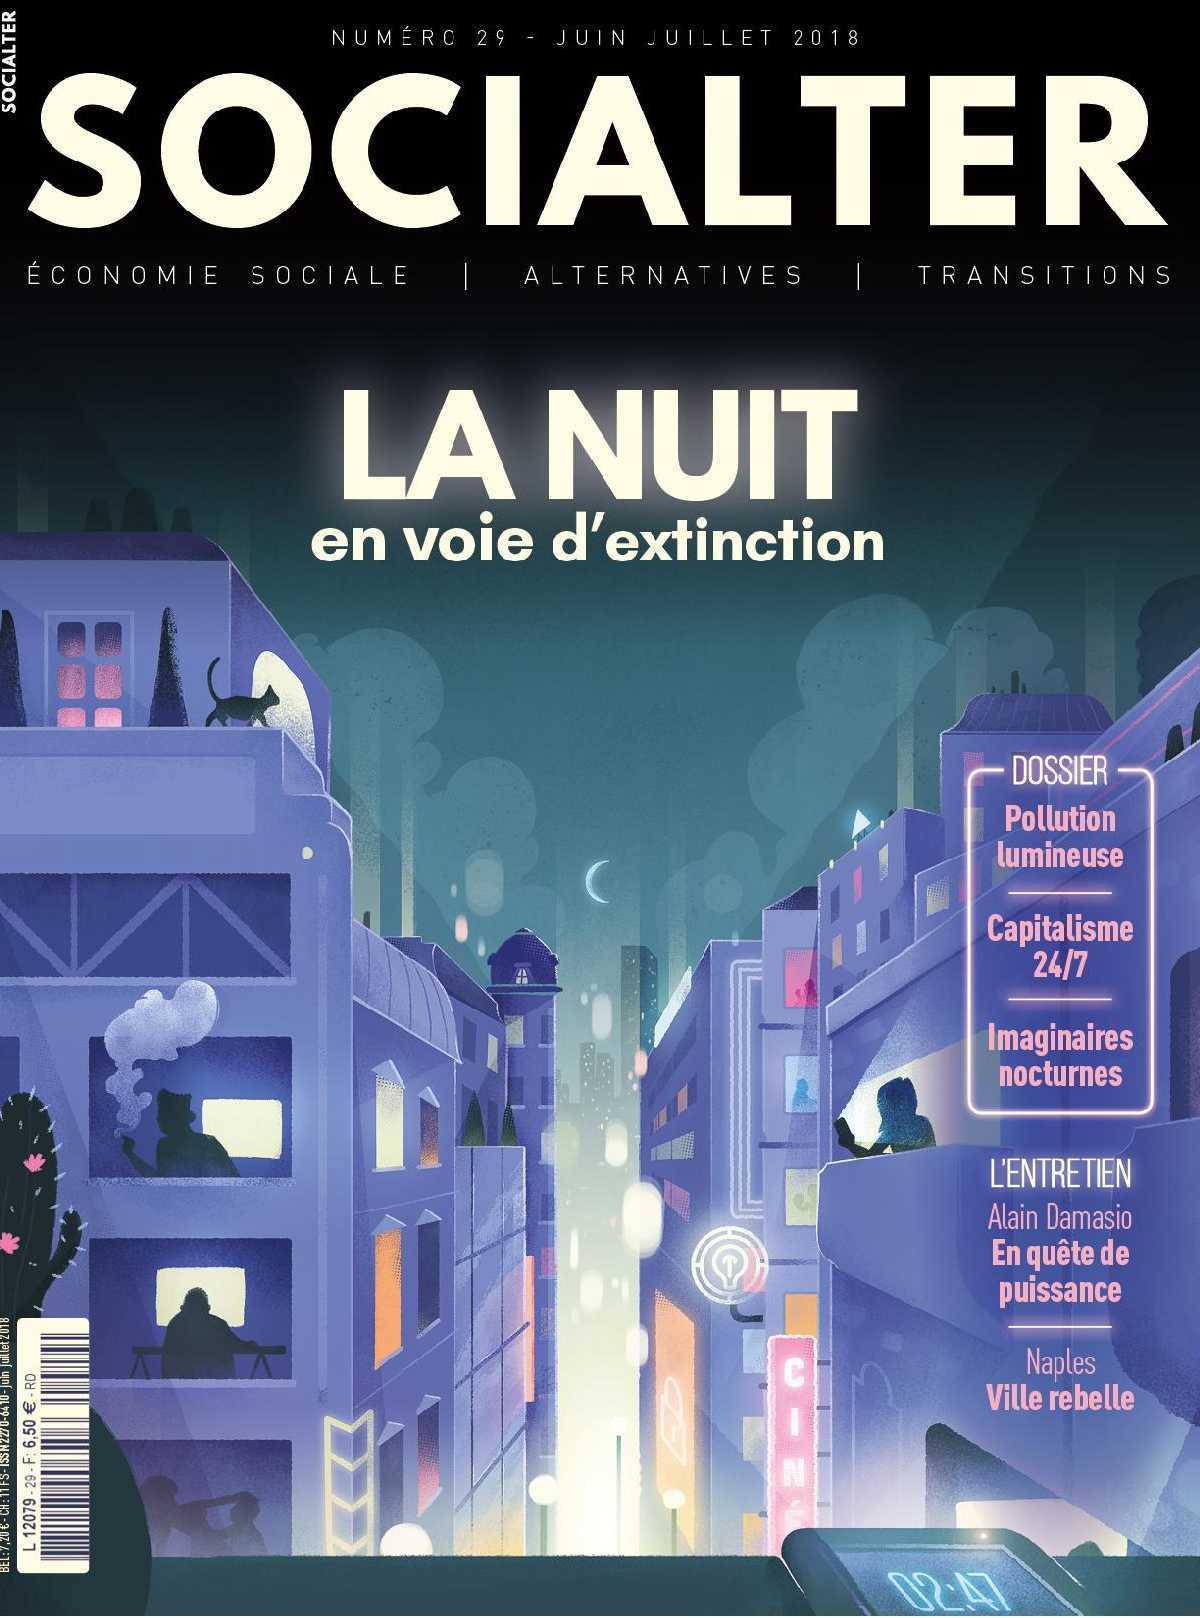 SOCIALTER N?29  LA NUIT EN VOIE D?EXTINCTION - JUIN/JUILLET 2018